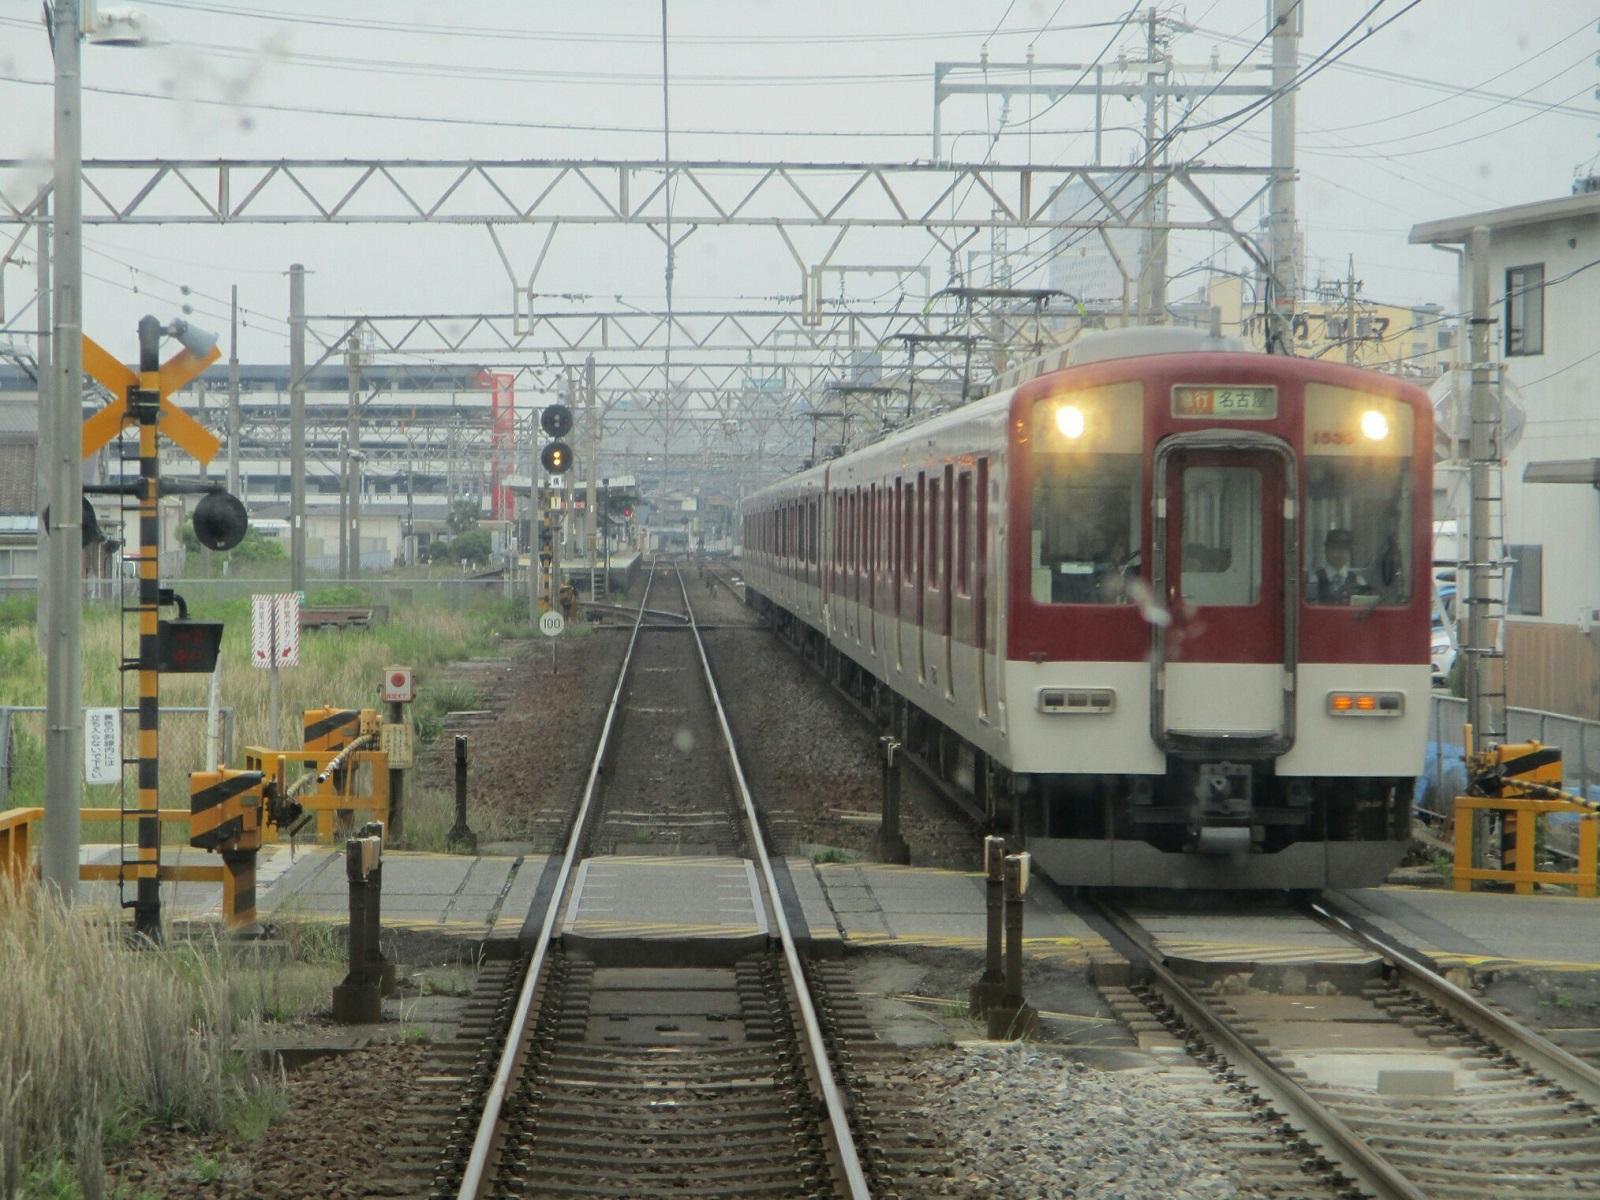 2019.6.2 (91) 松阪いき急行 - 江戸橋てまえ(名古屋いき急行) 1600-1200